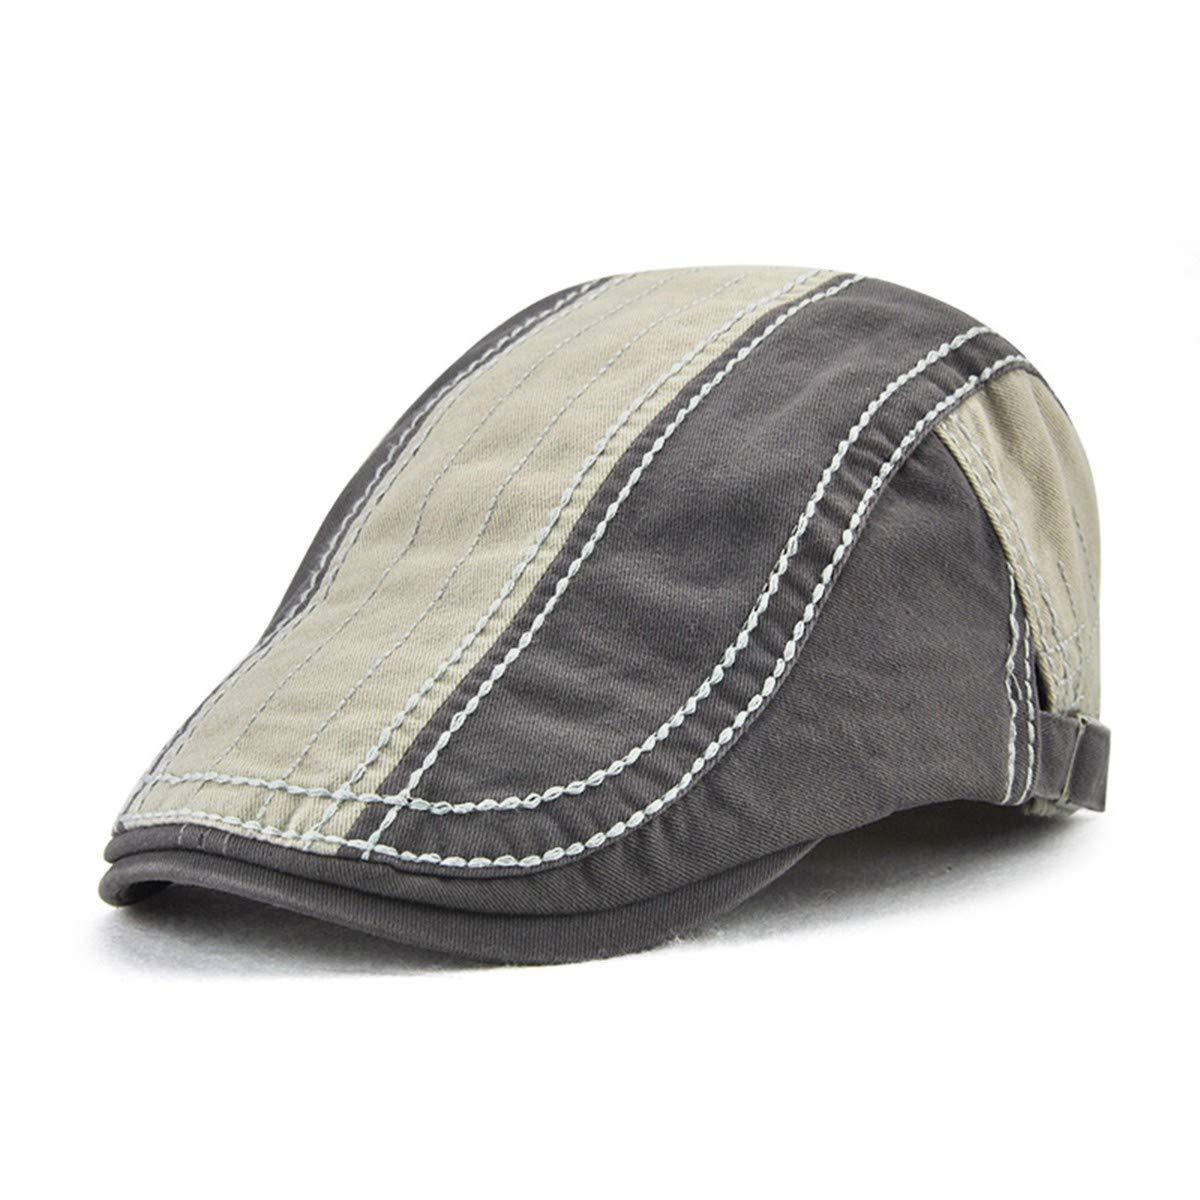 KDFLGE cappello Cappello Berretto da Uomo in Cotone Patchwork Moda di Alta  qualità Cappello Retro Berretto Autunno e Inverno Stagione bb681284d56a